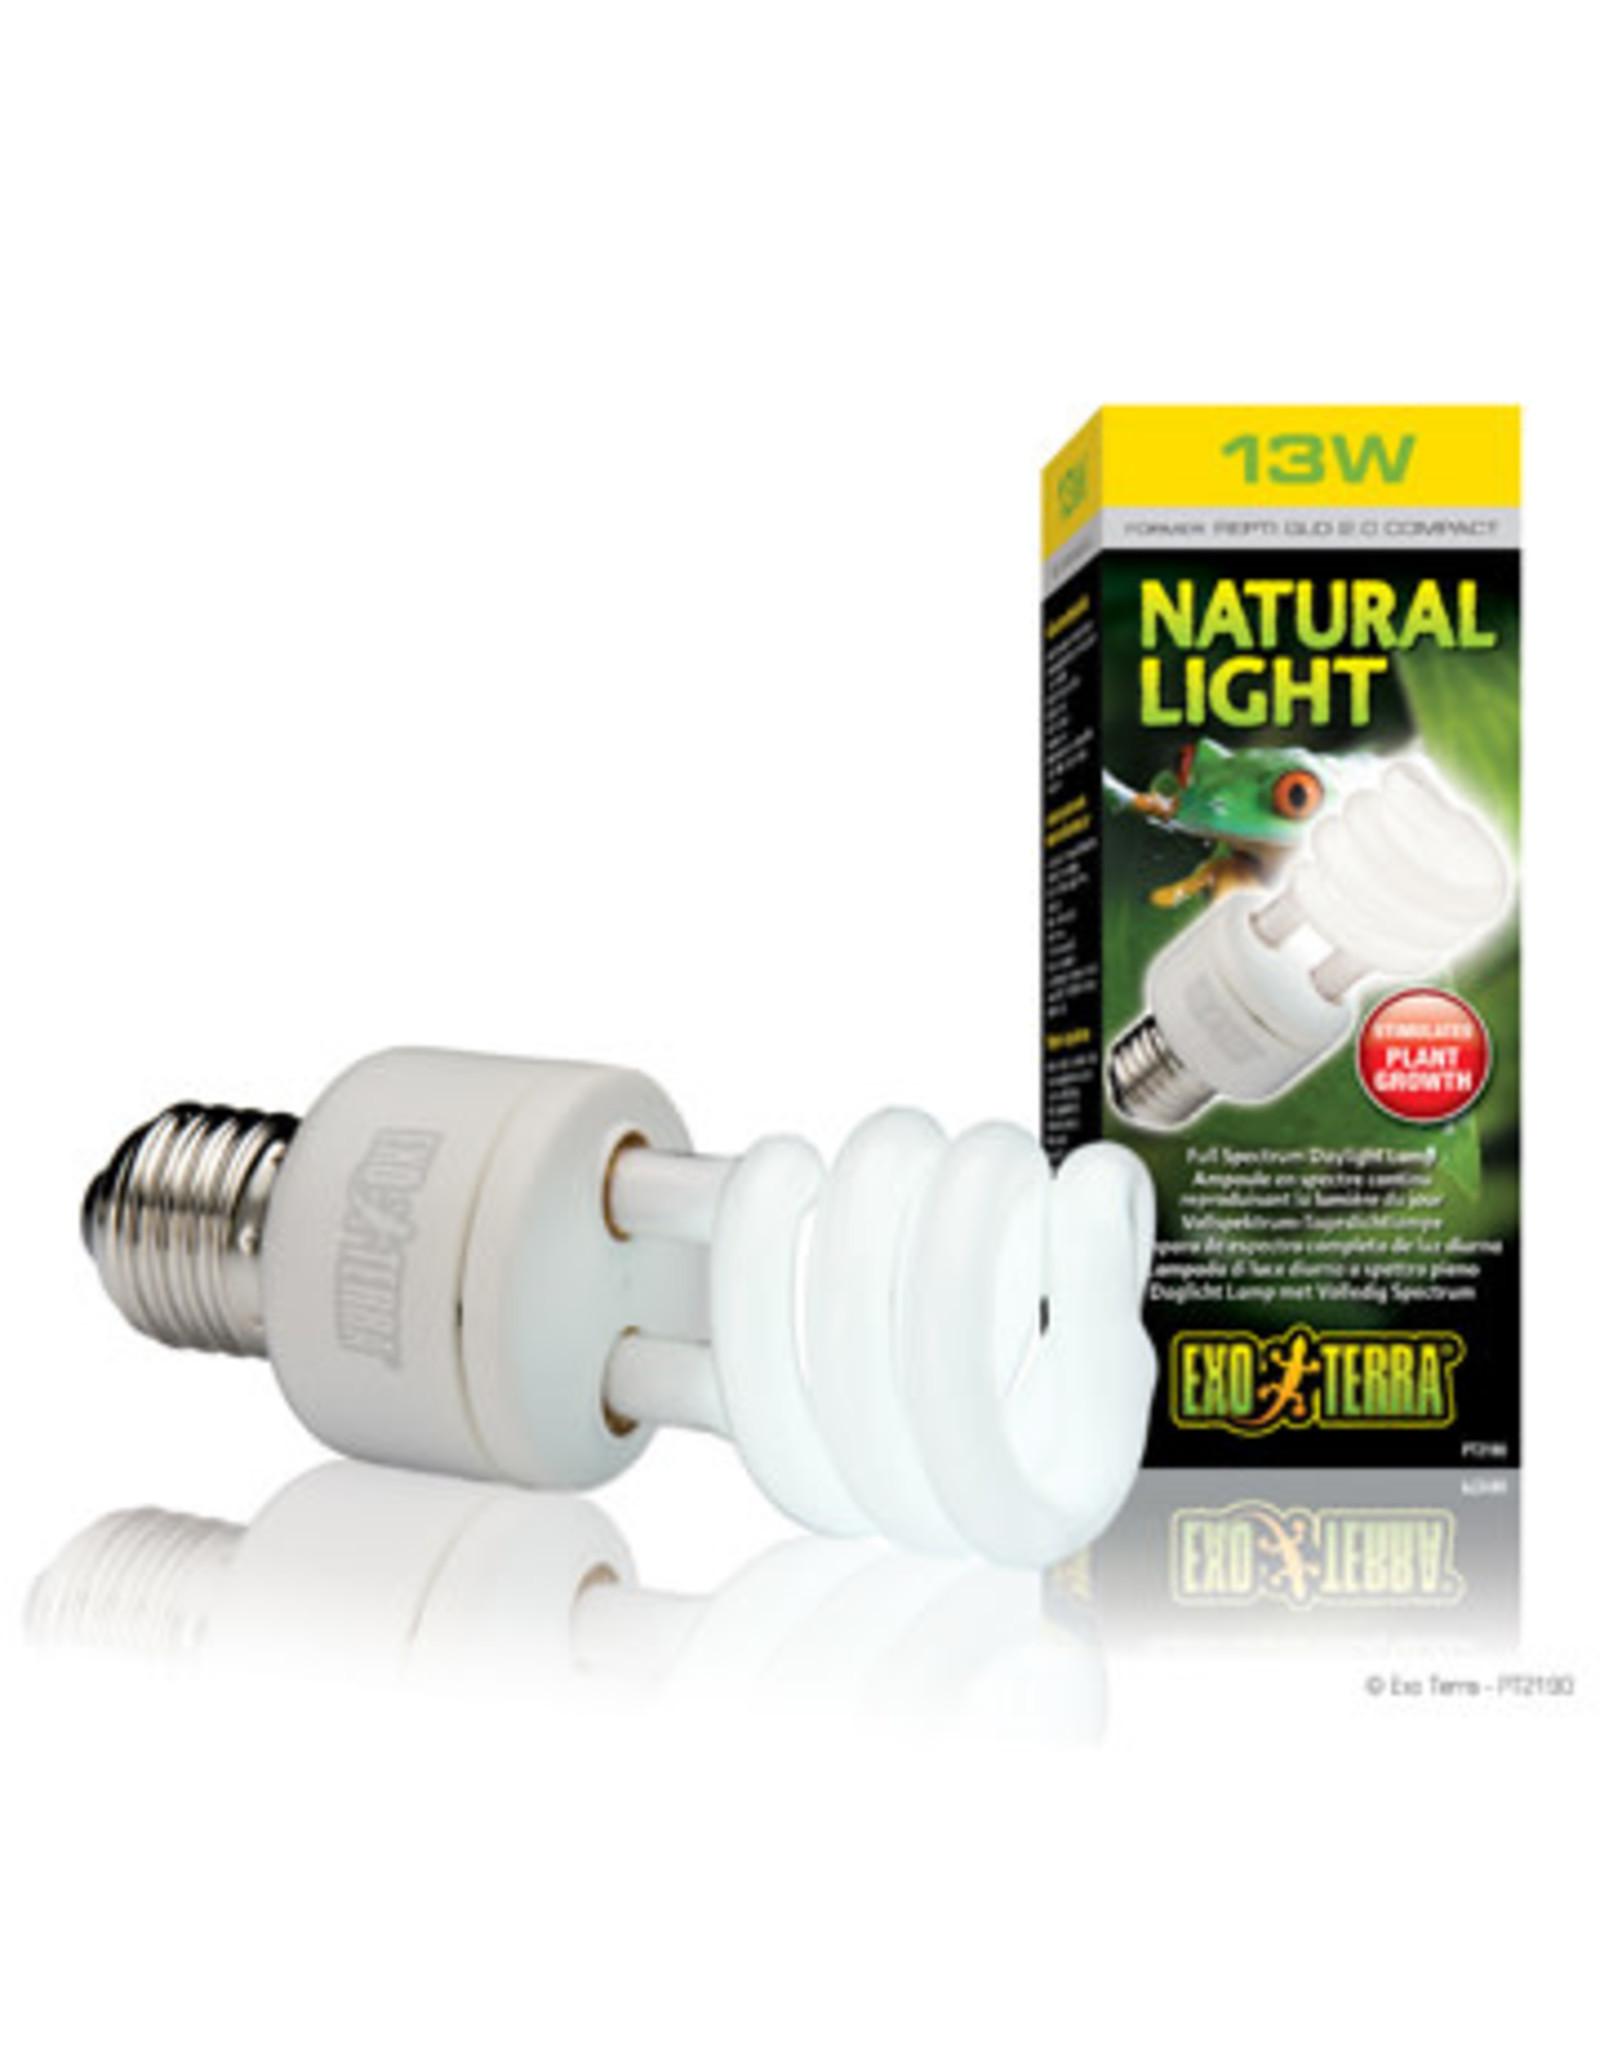 Exo Terra Natural Light 13W